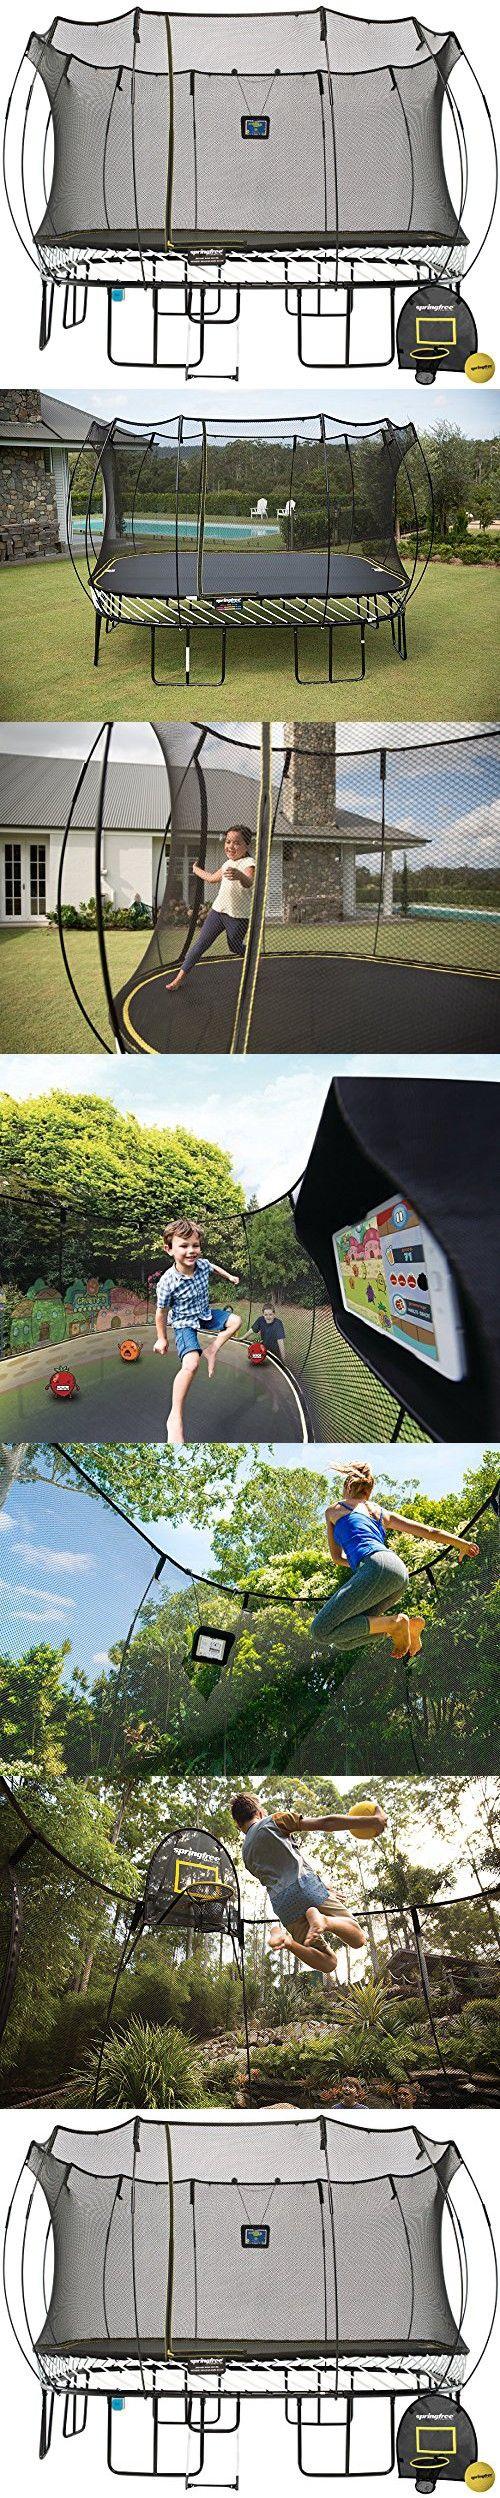 best 25 13ft trampoline ideas on pinterest water trampoline